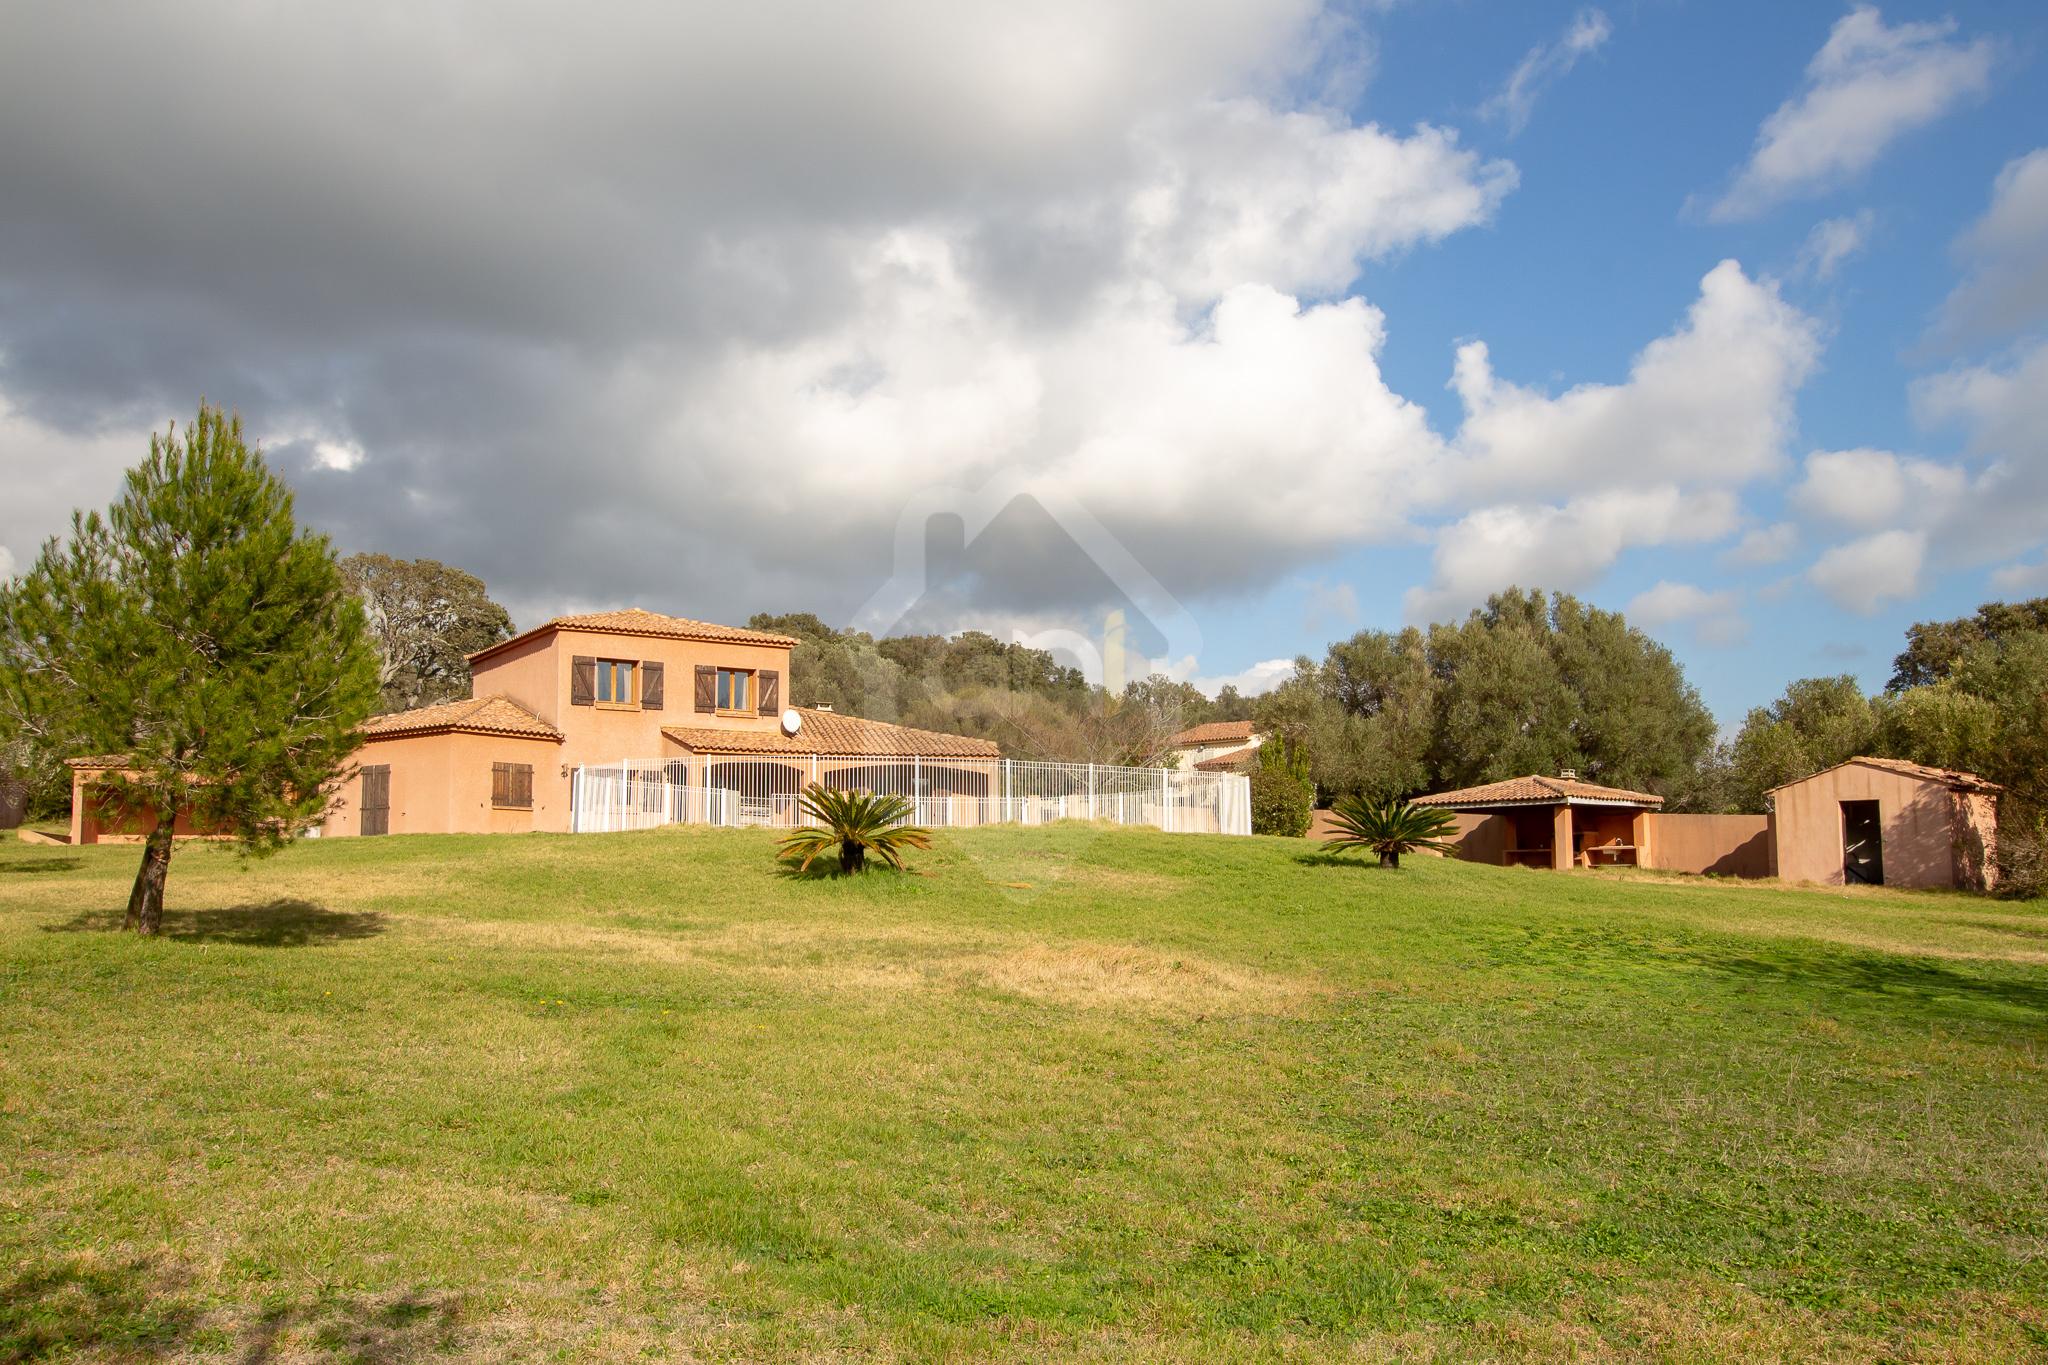 Vente villa de type T5 avec piscine et studio indépendant